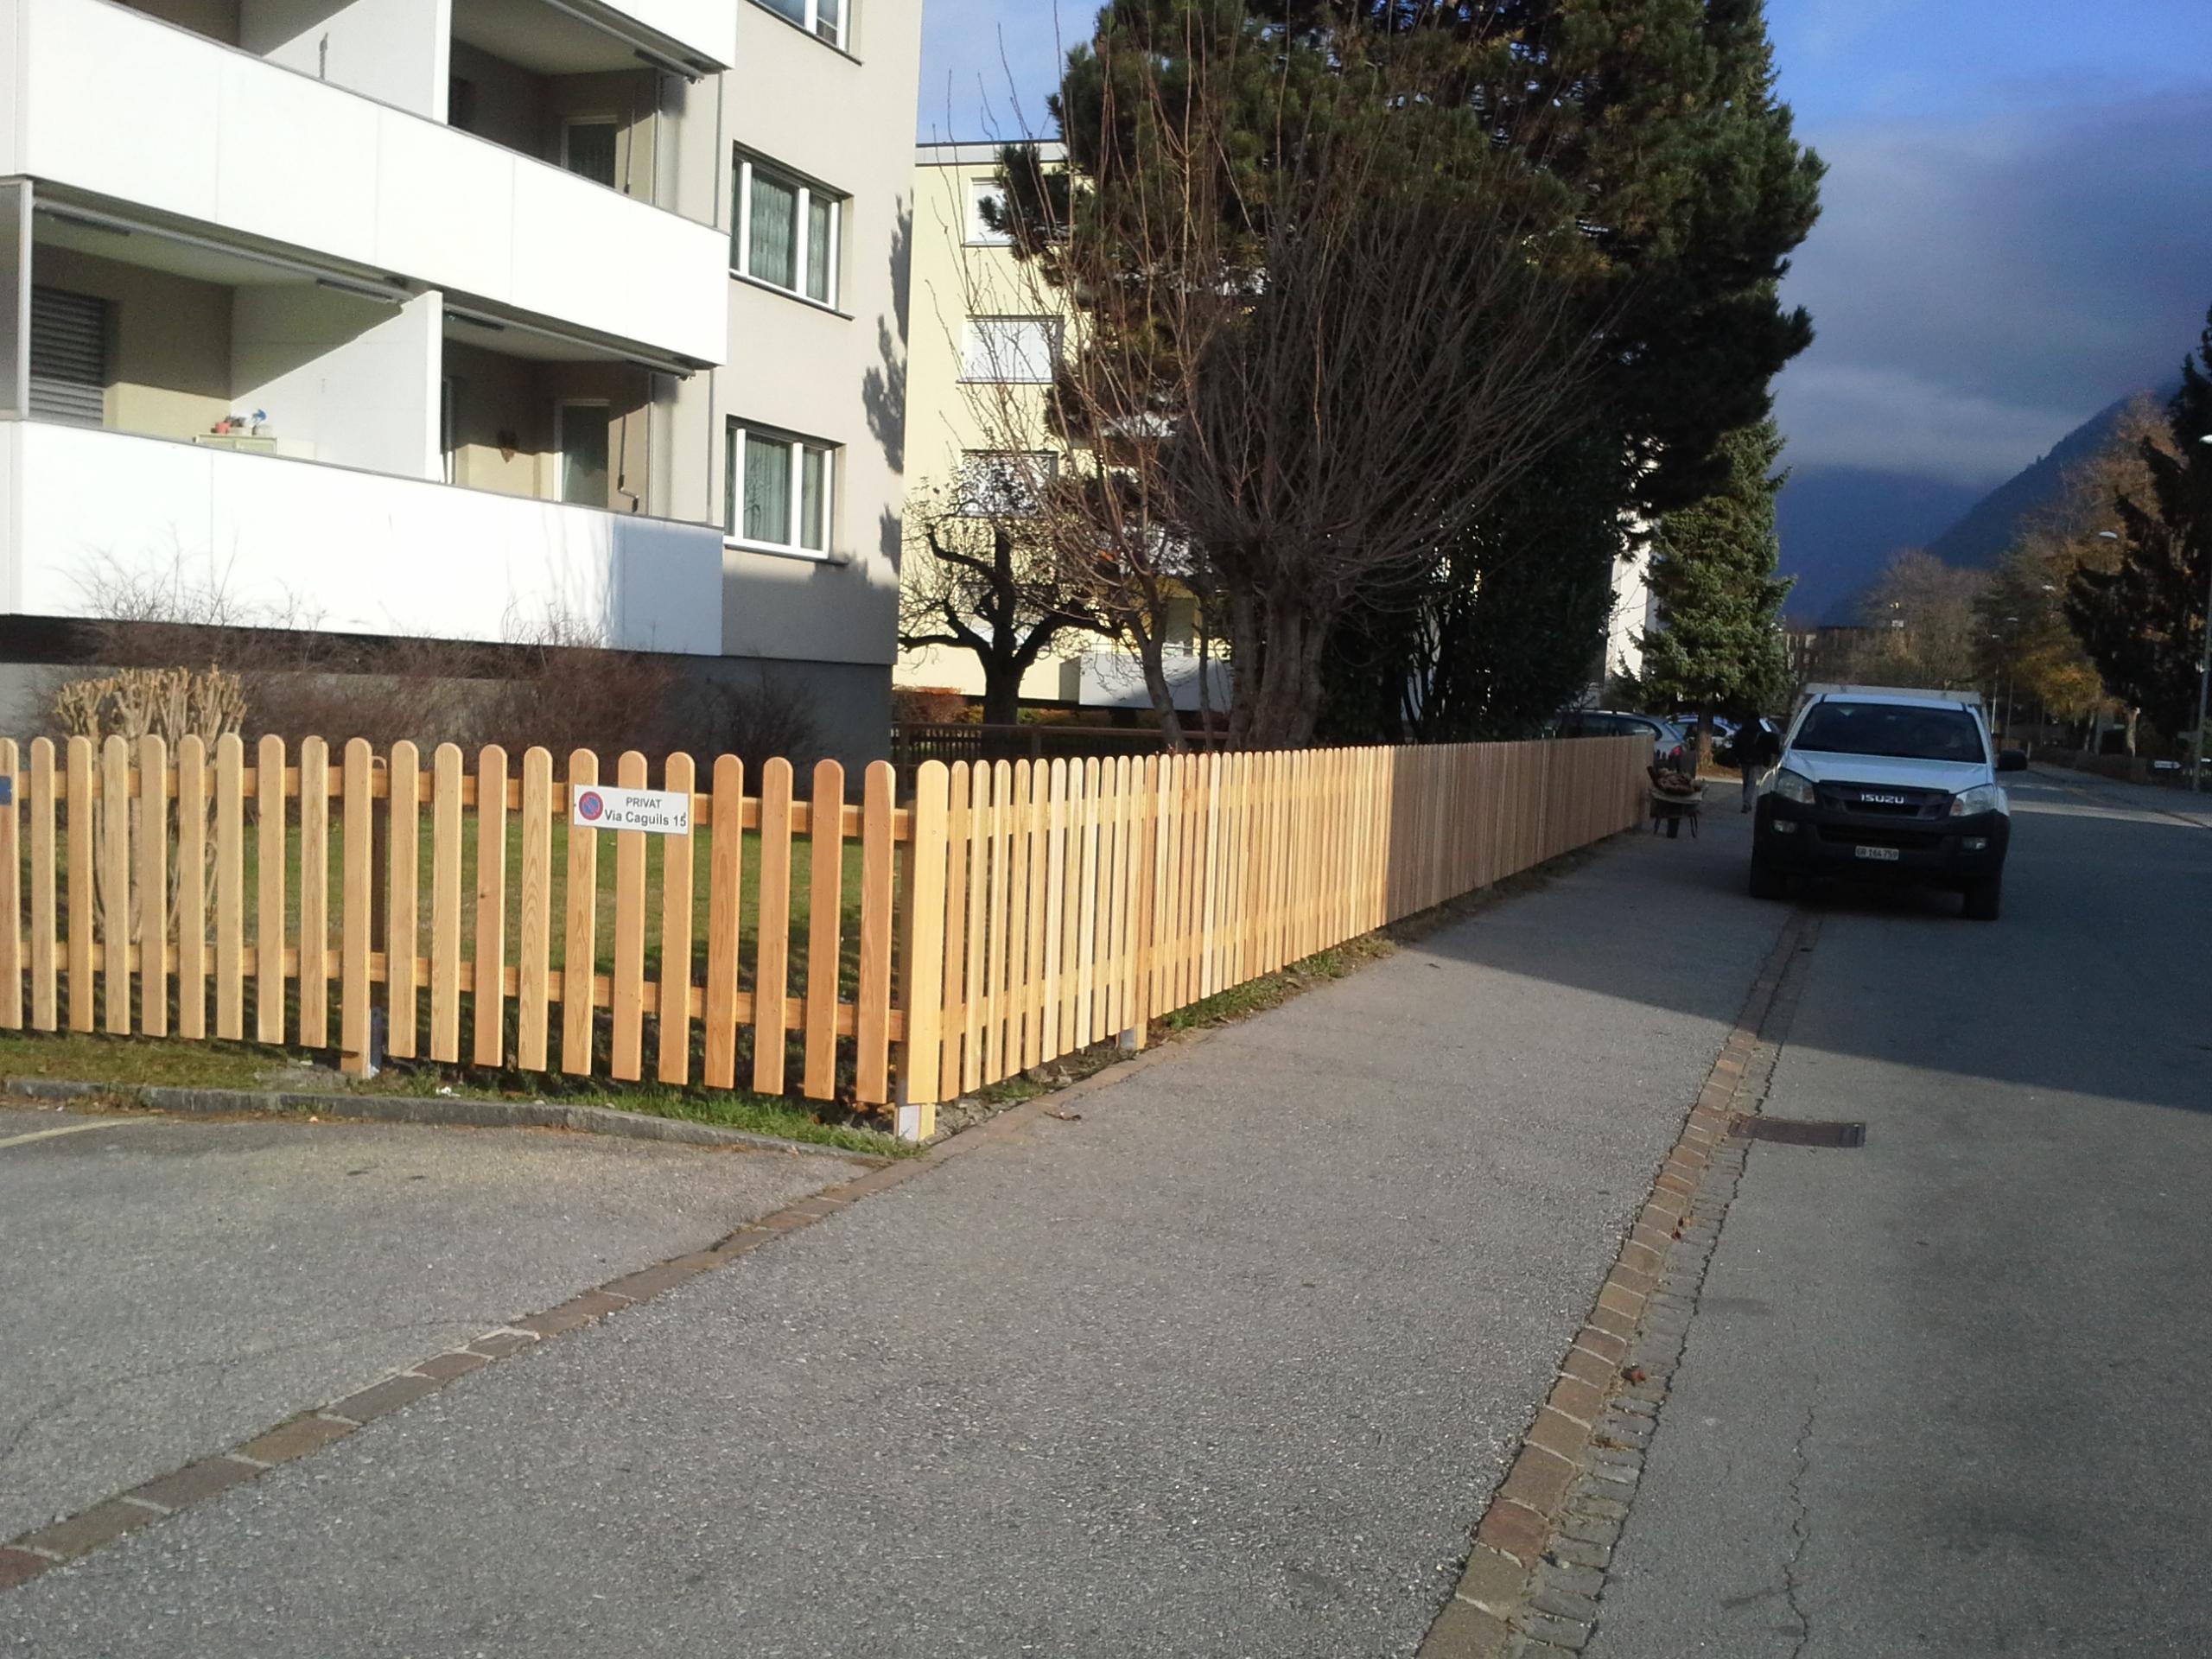 Lärchenzaun in Domat/Ems (GR)